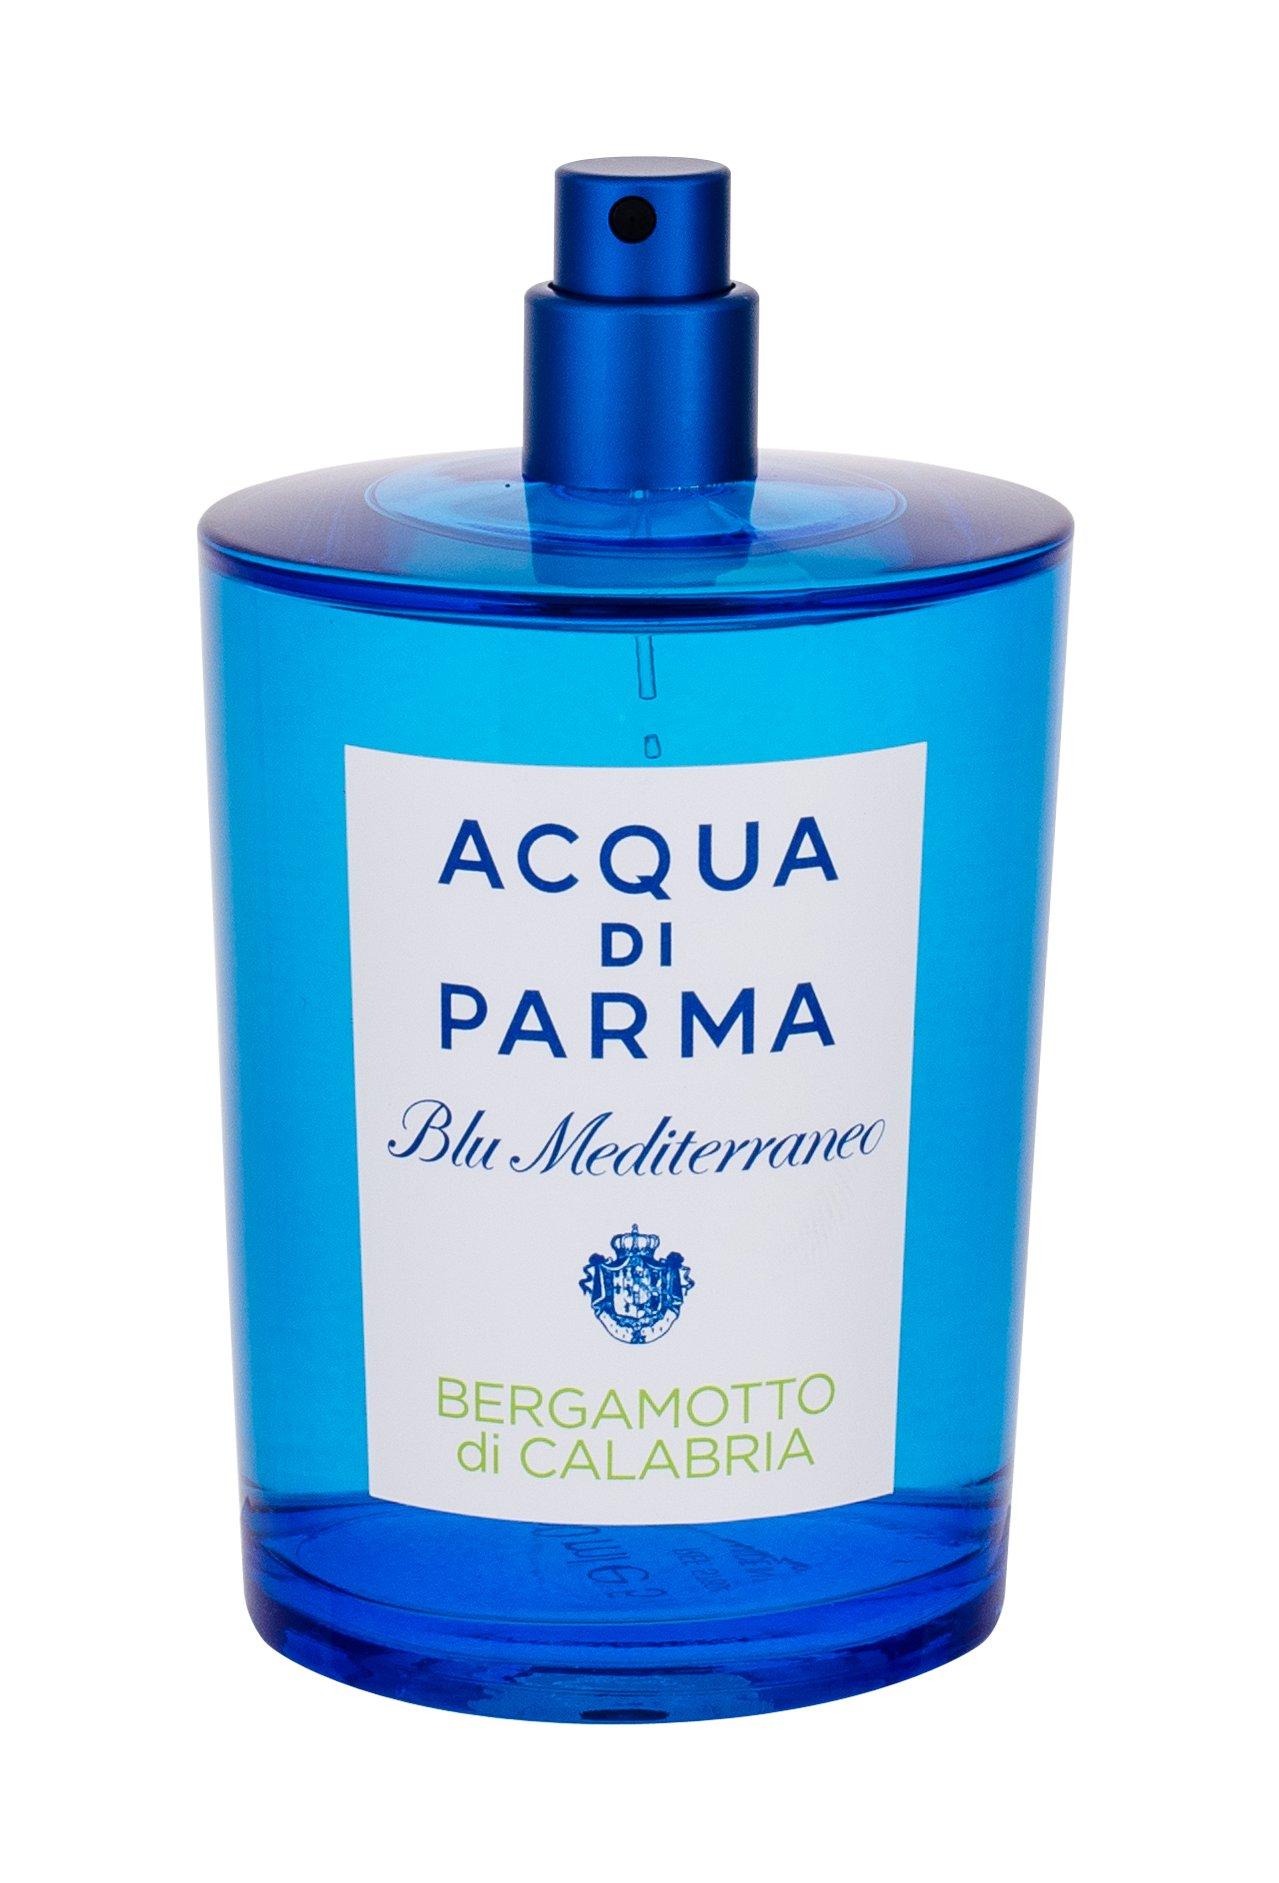 Acqua Di Parma Blu Mediterraneo Bergamotto di Calabria (U)